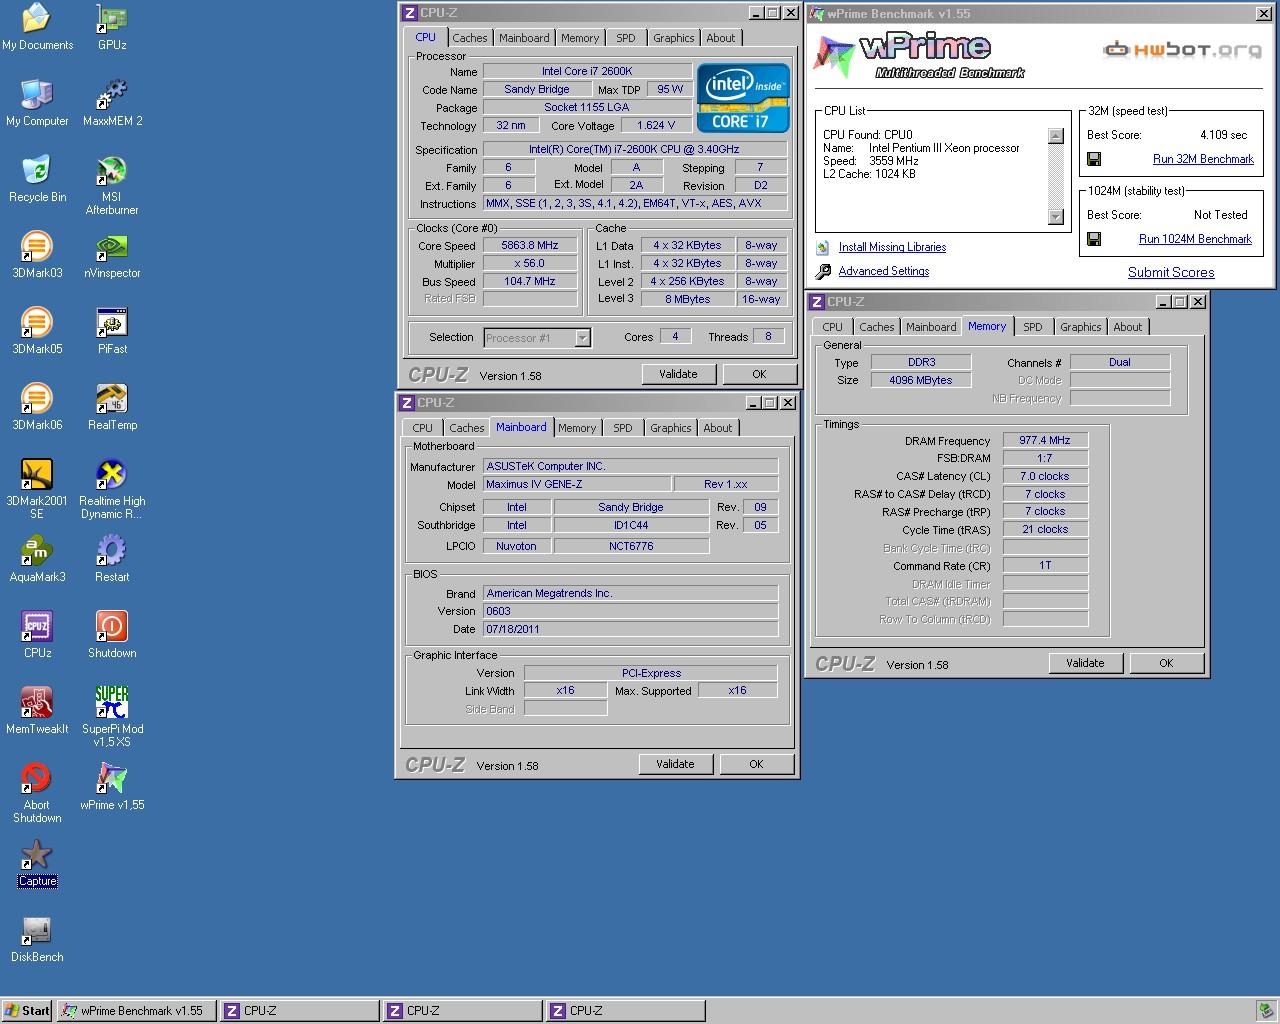 screen037tjtw.jpg